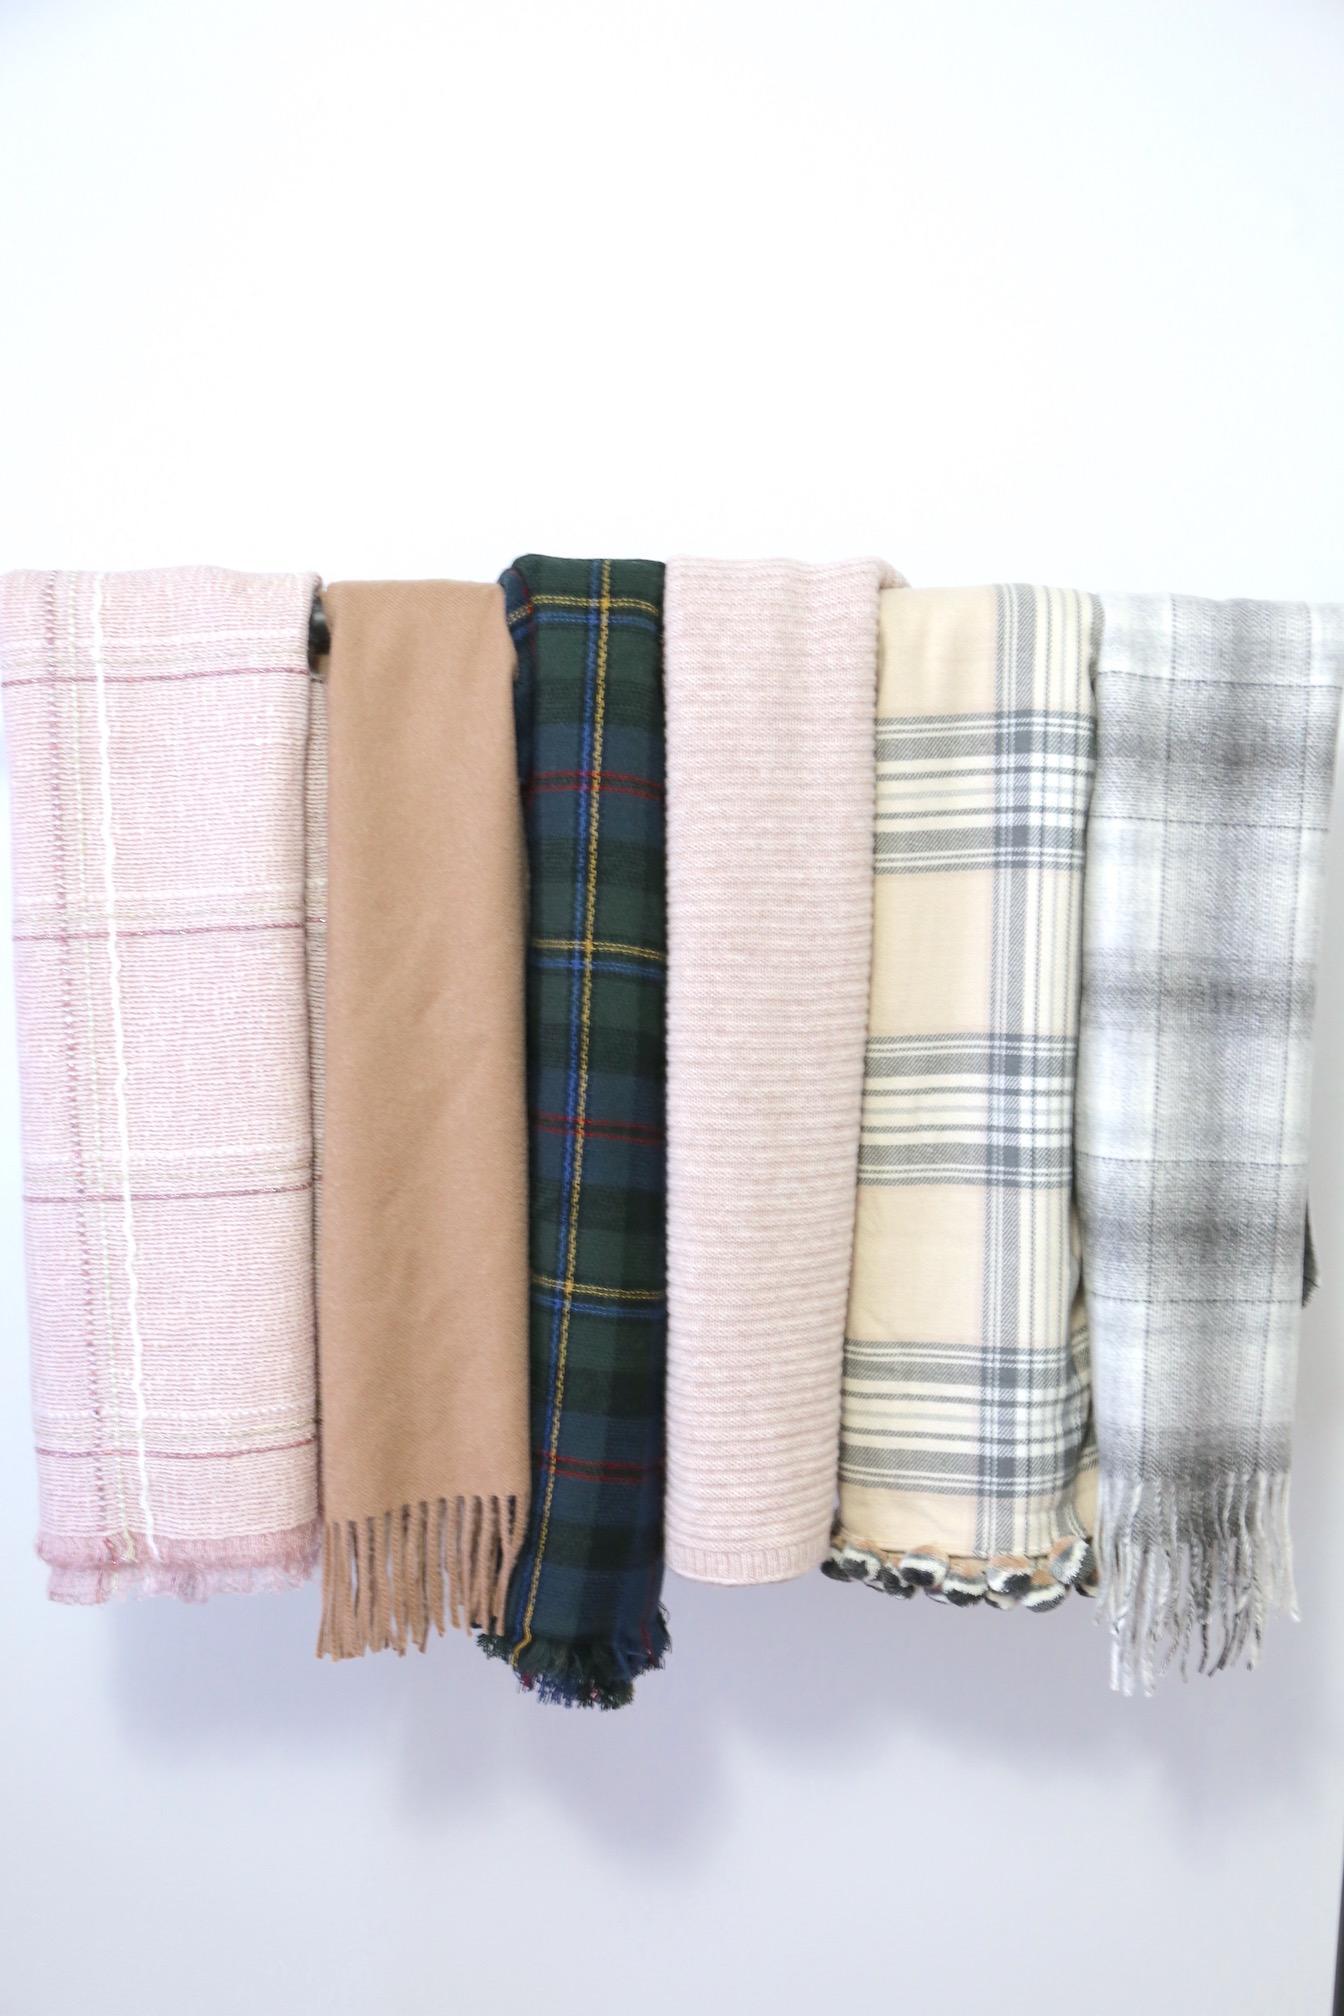 Winter 2017 Capsule Wardrobe - scarves